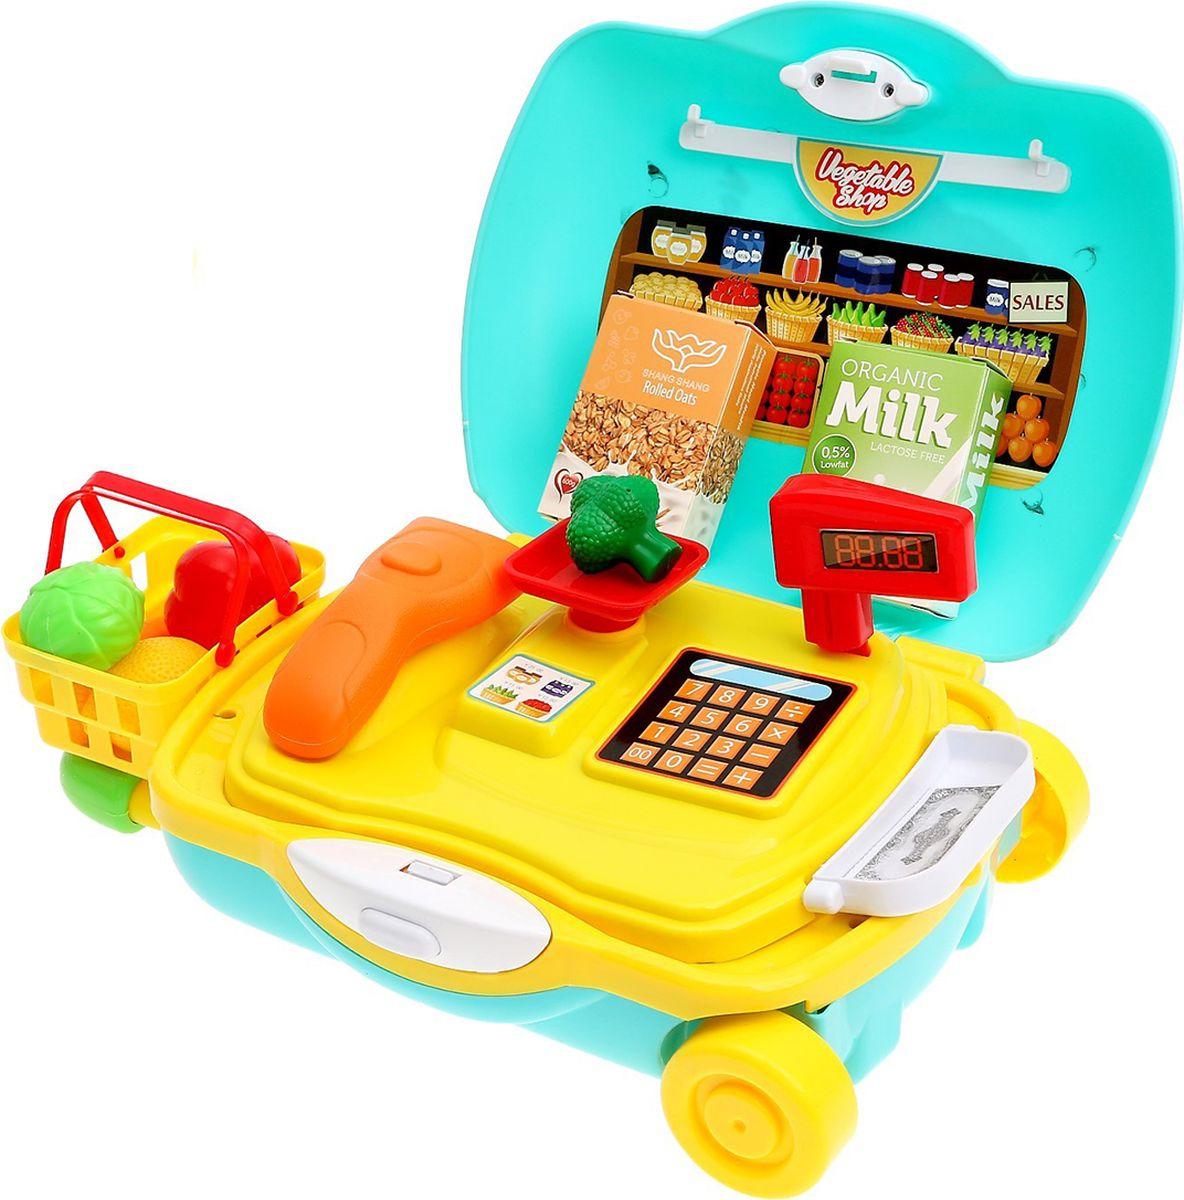 Игровой набор Продуктовый магазин, 3293051 магазин на флаконе